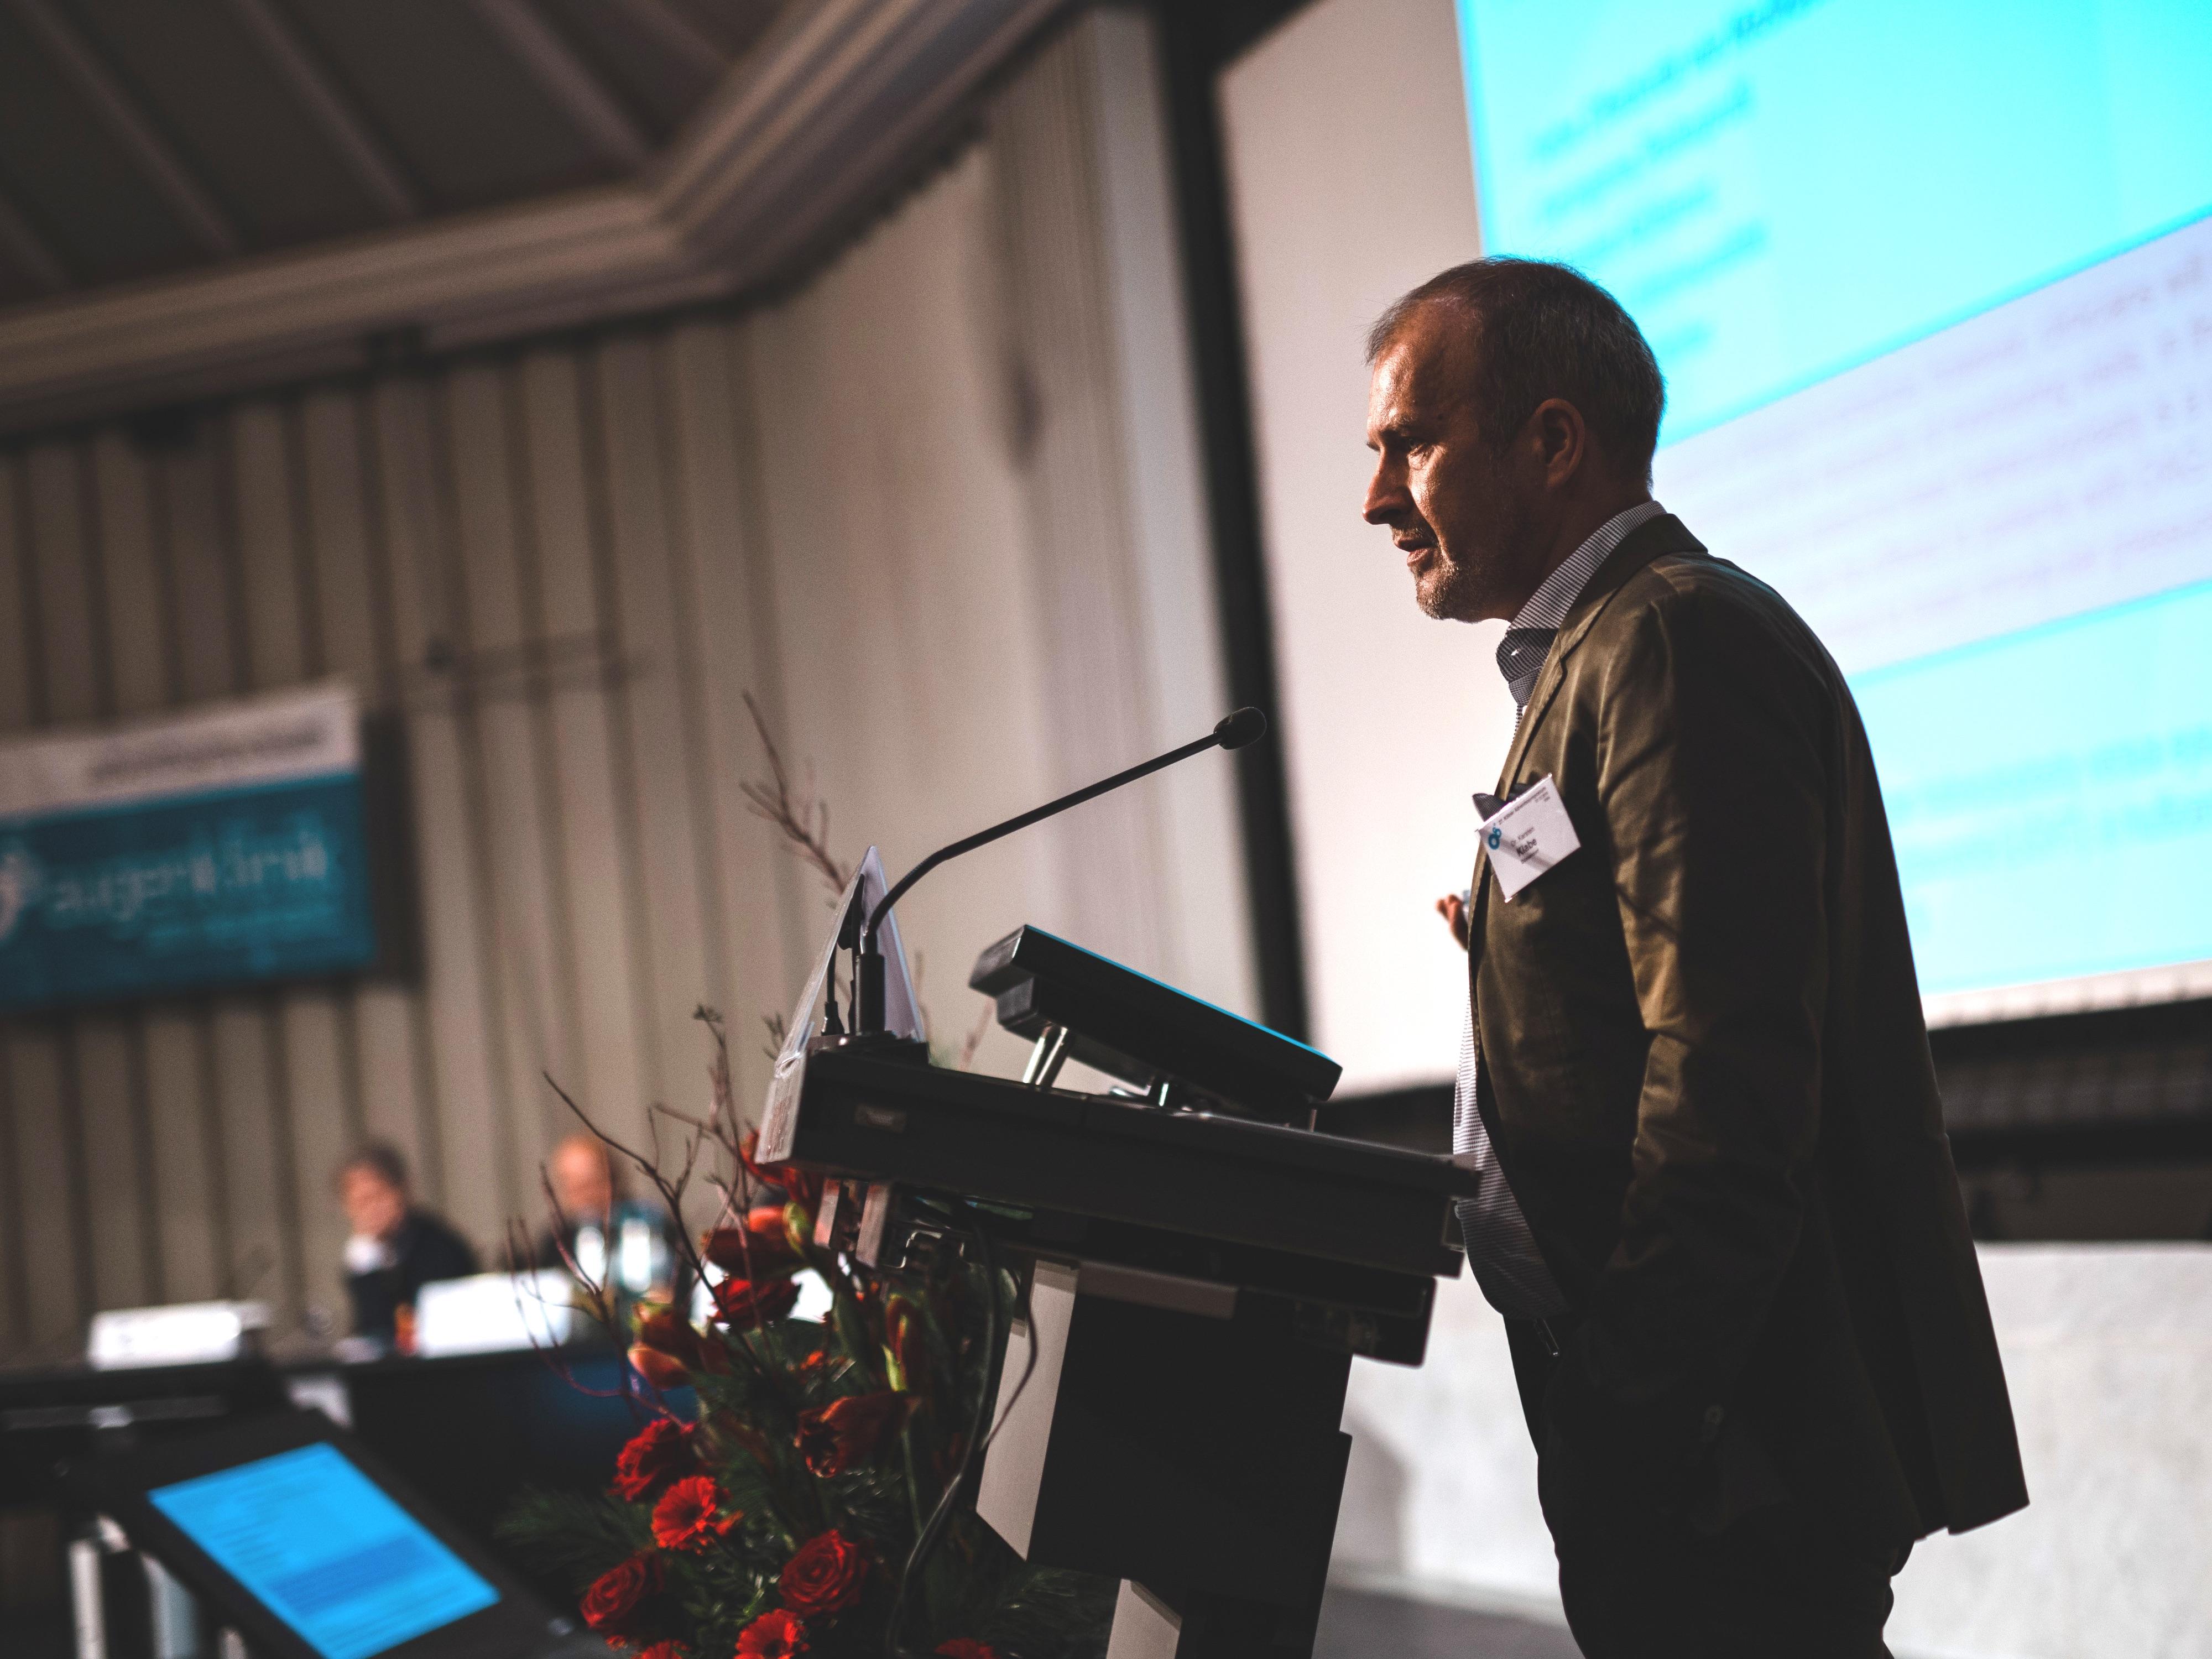 Dr. Klabe als Redner beim 27. Kölner Adventssymposium.